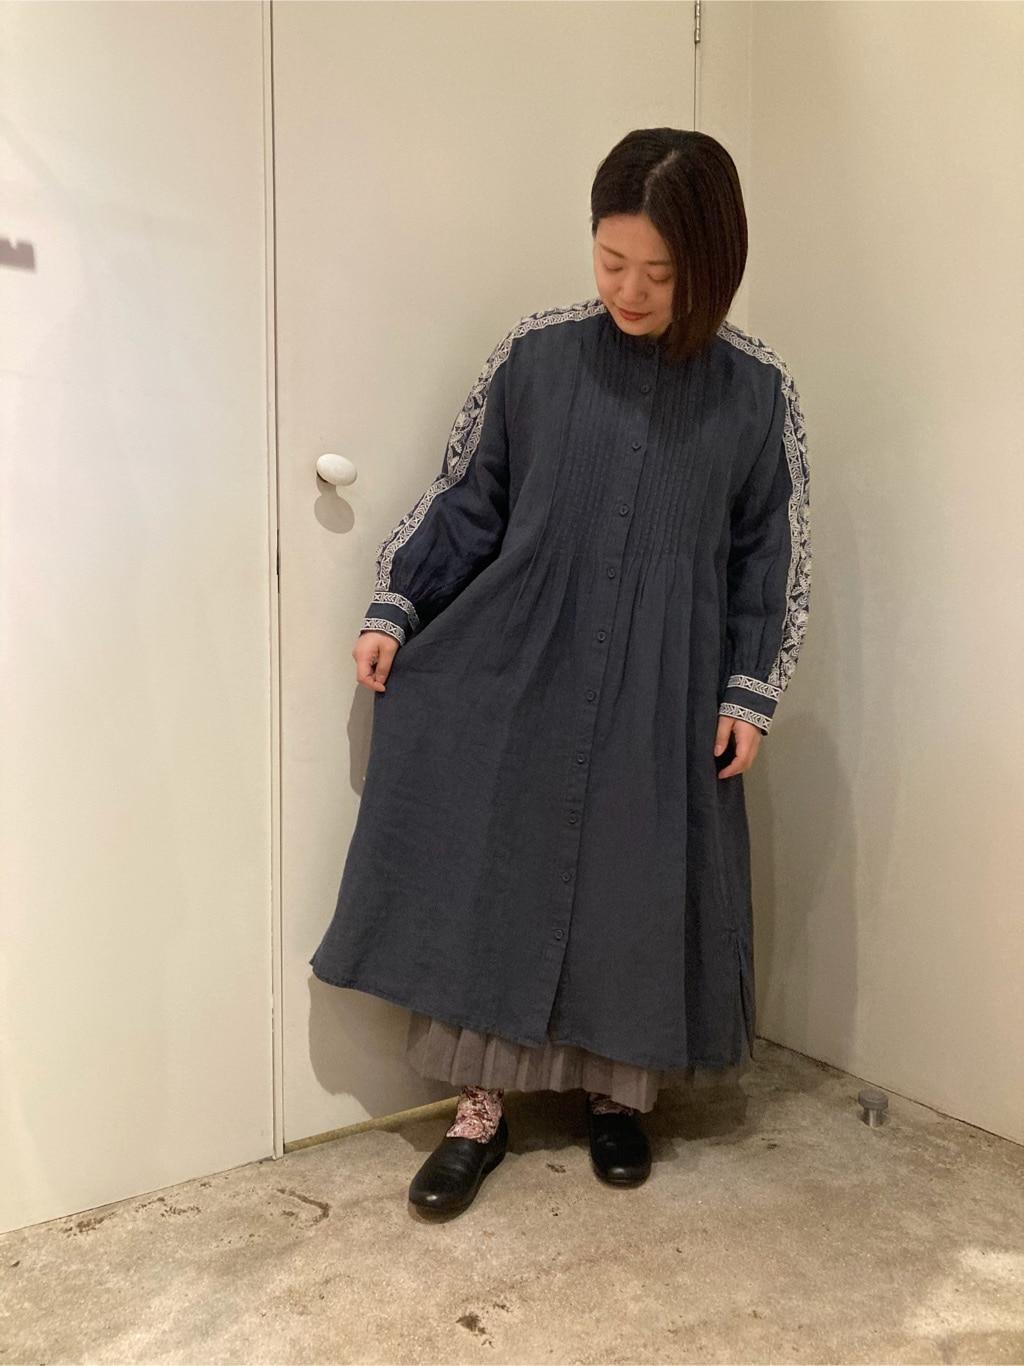 福岡薬院路面 2021.01.29